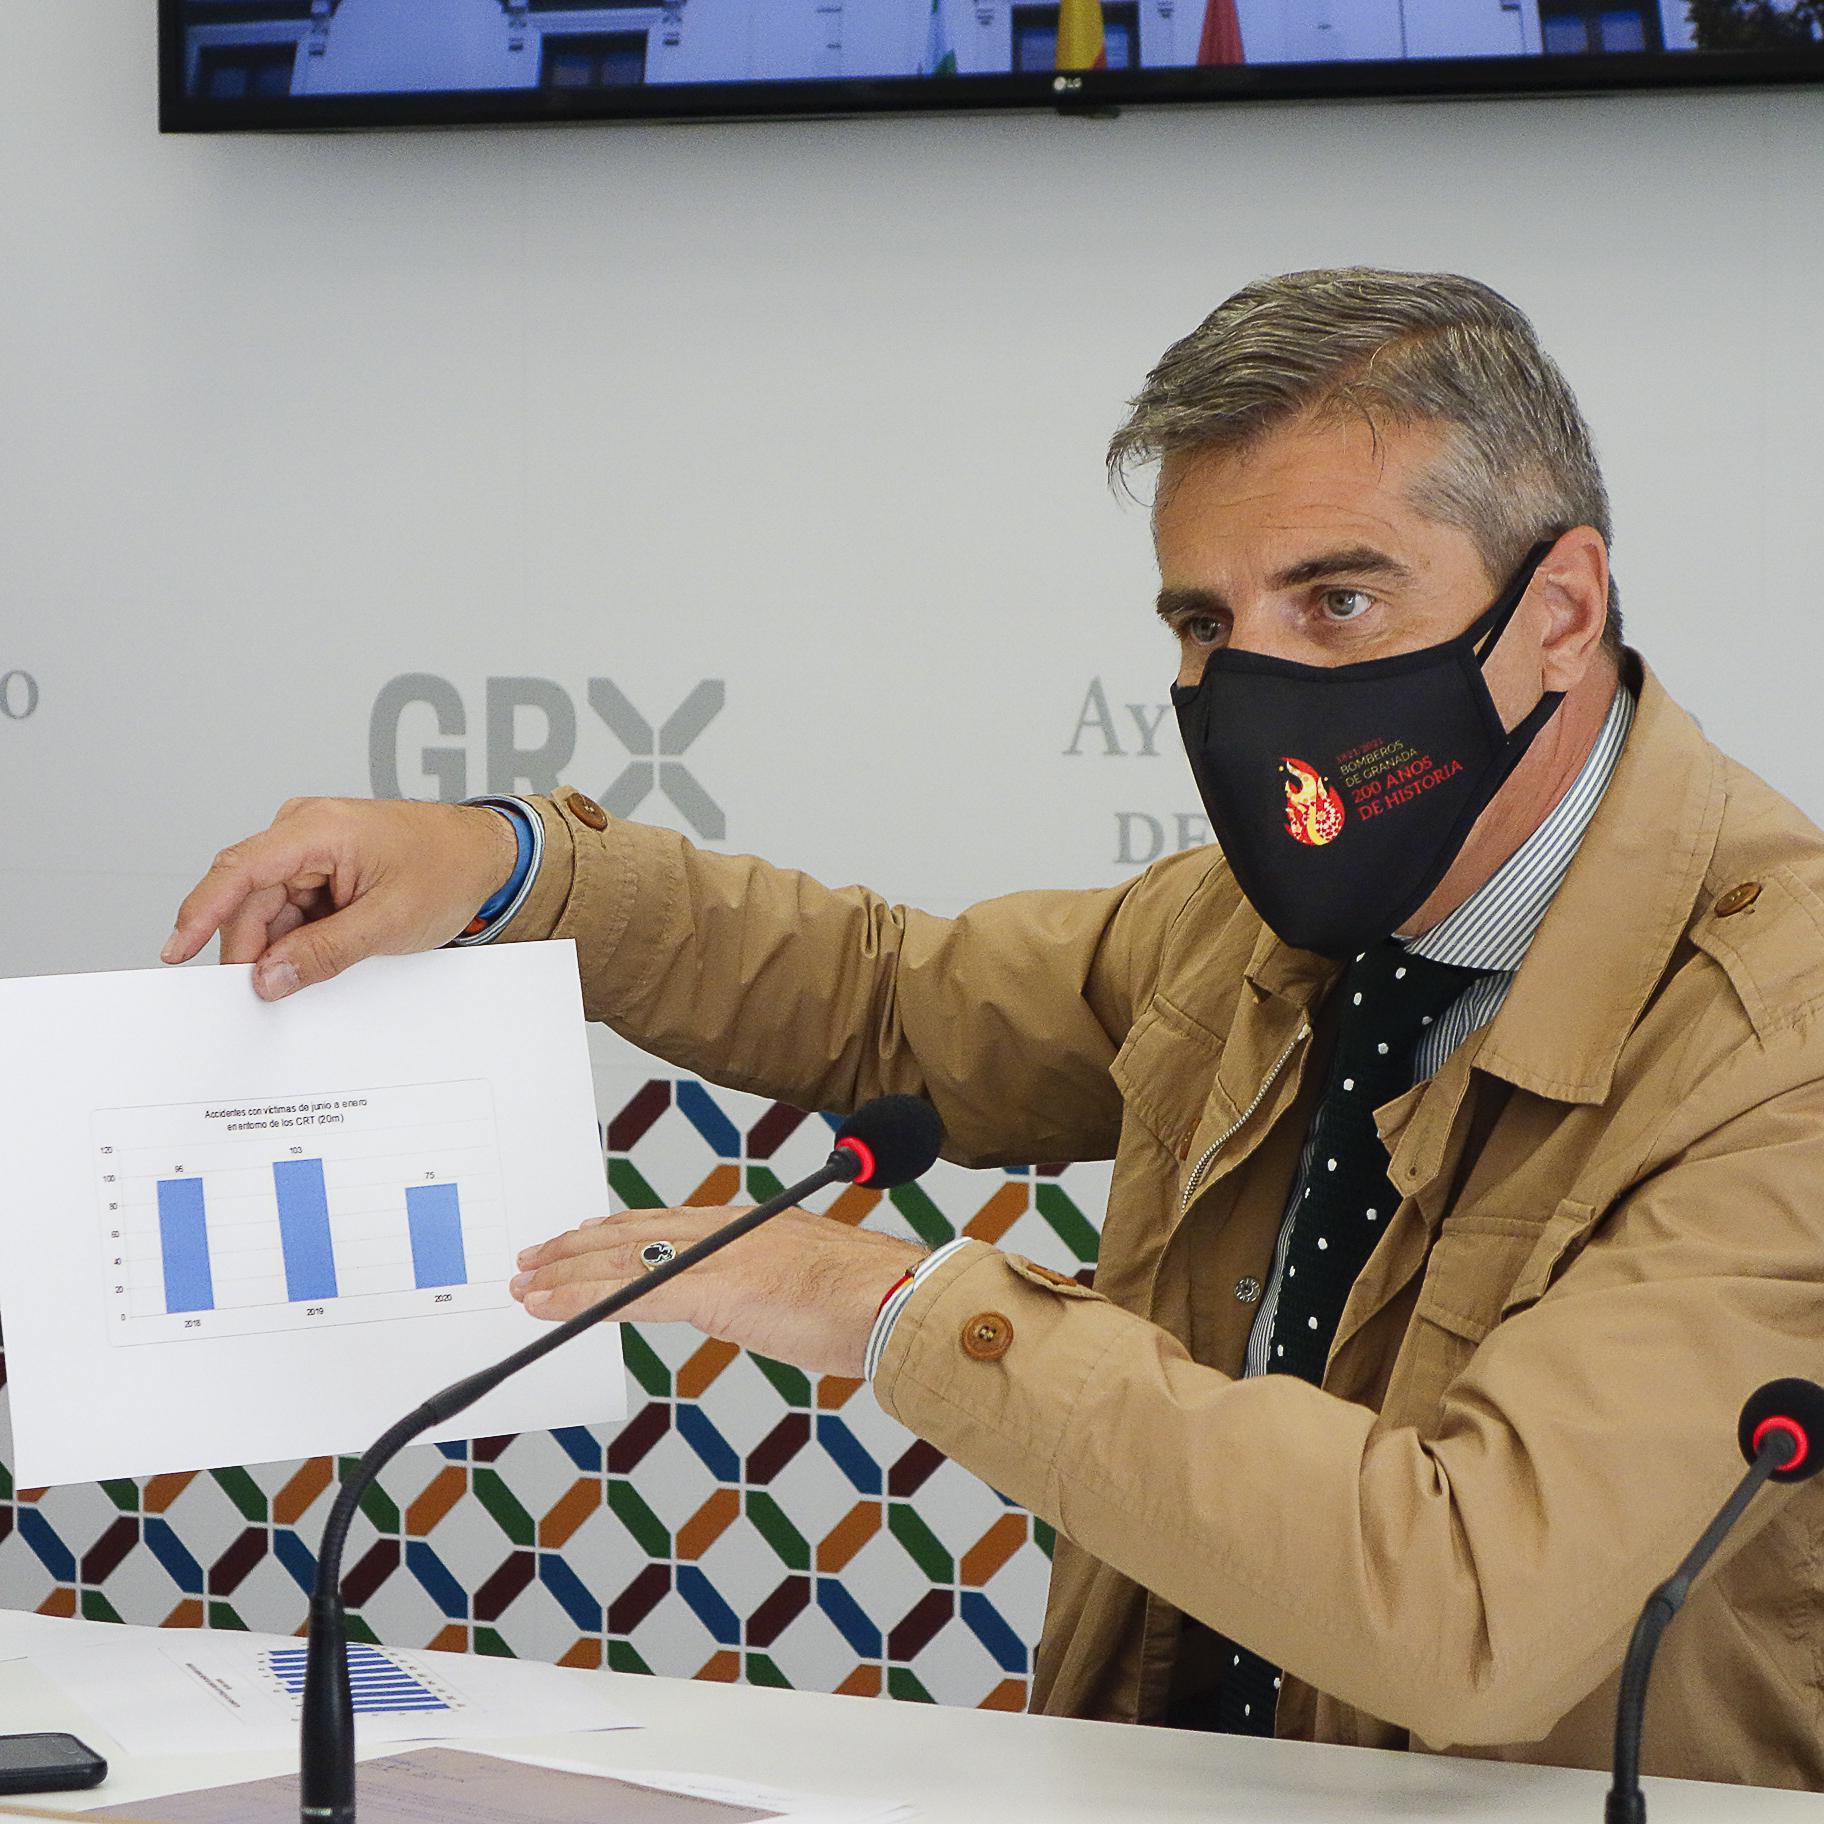 ©Ayto.Granada: LOS ACCIDENTES CON VÍCTIMAS DESCENDIERON EN GRANADA UN 57% EN 2020 CON RELACIÓN AL AÑO ANTERIOR